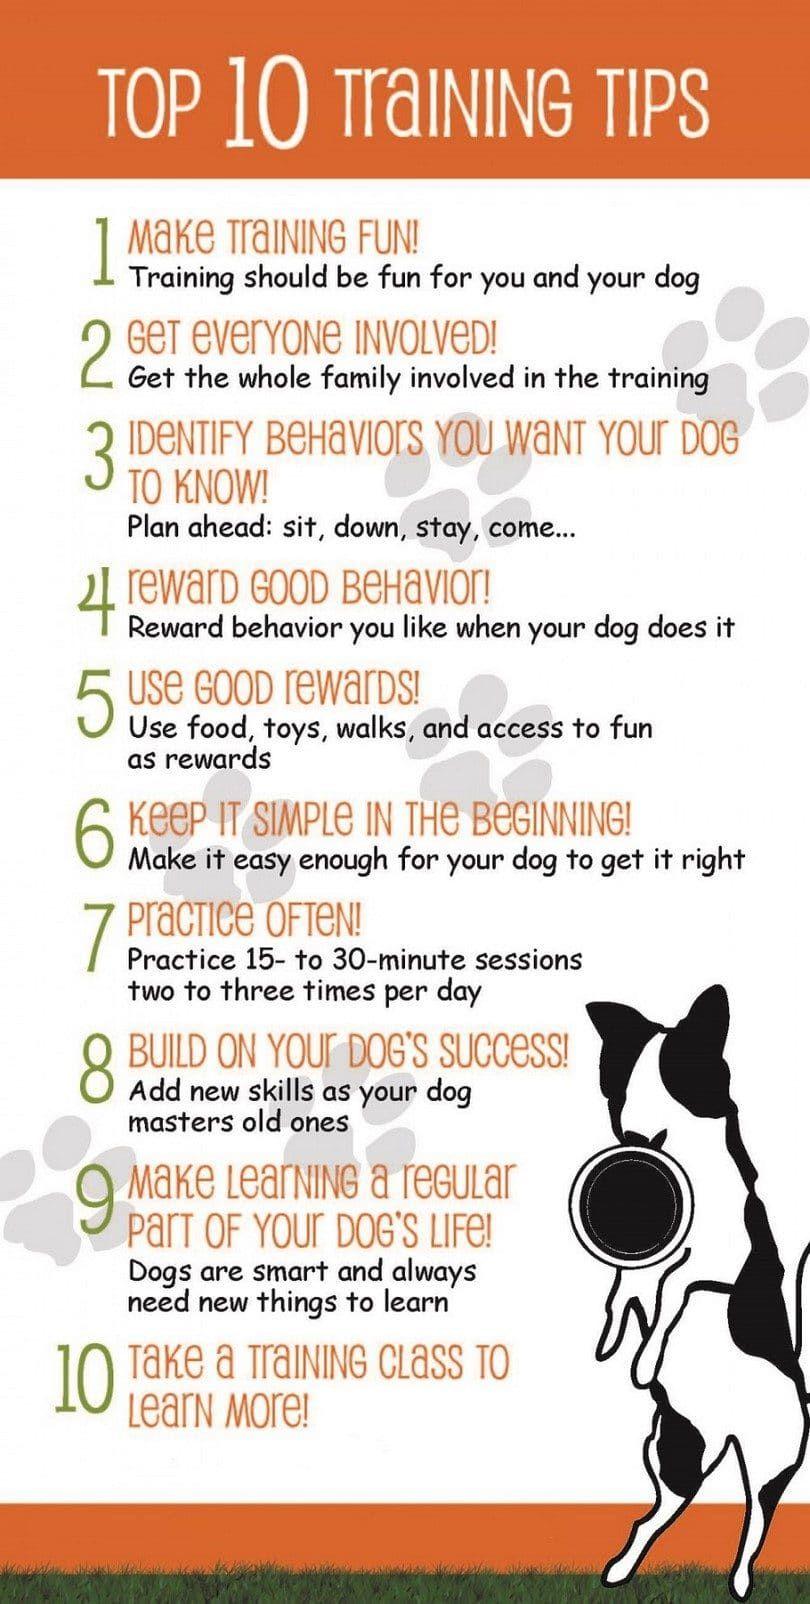 Las diez mejores consejos sobre el entrenamiento del perro